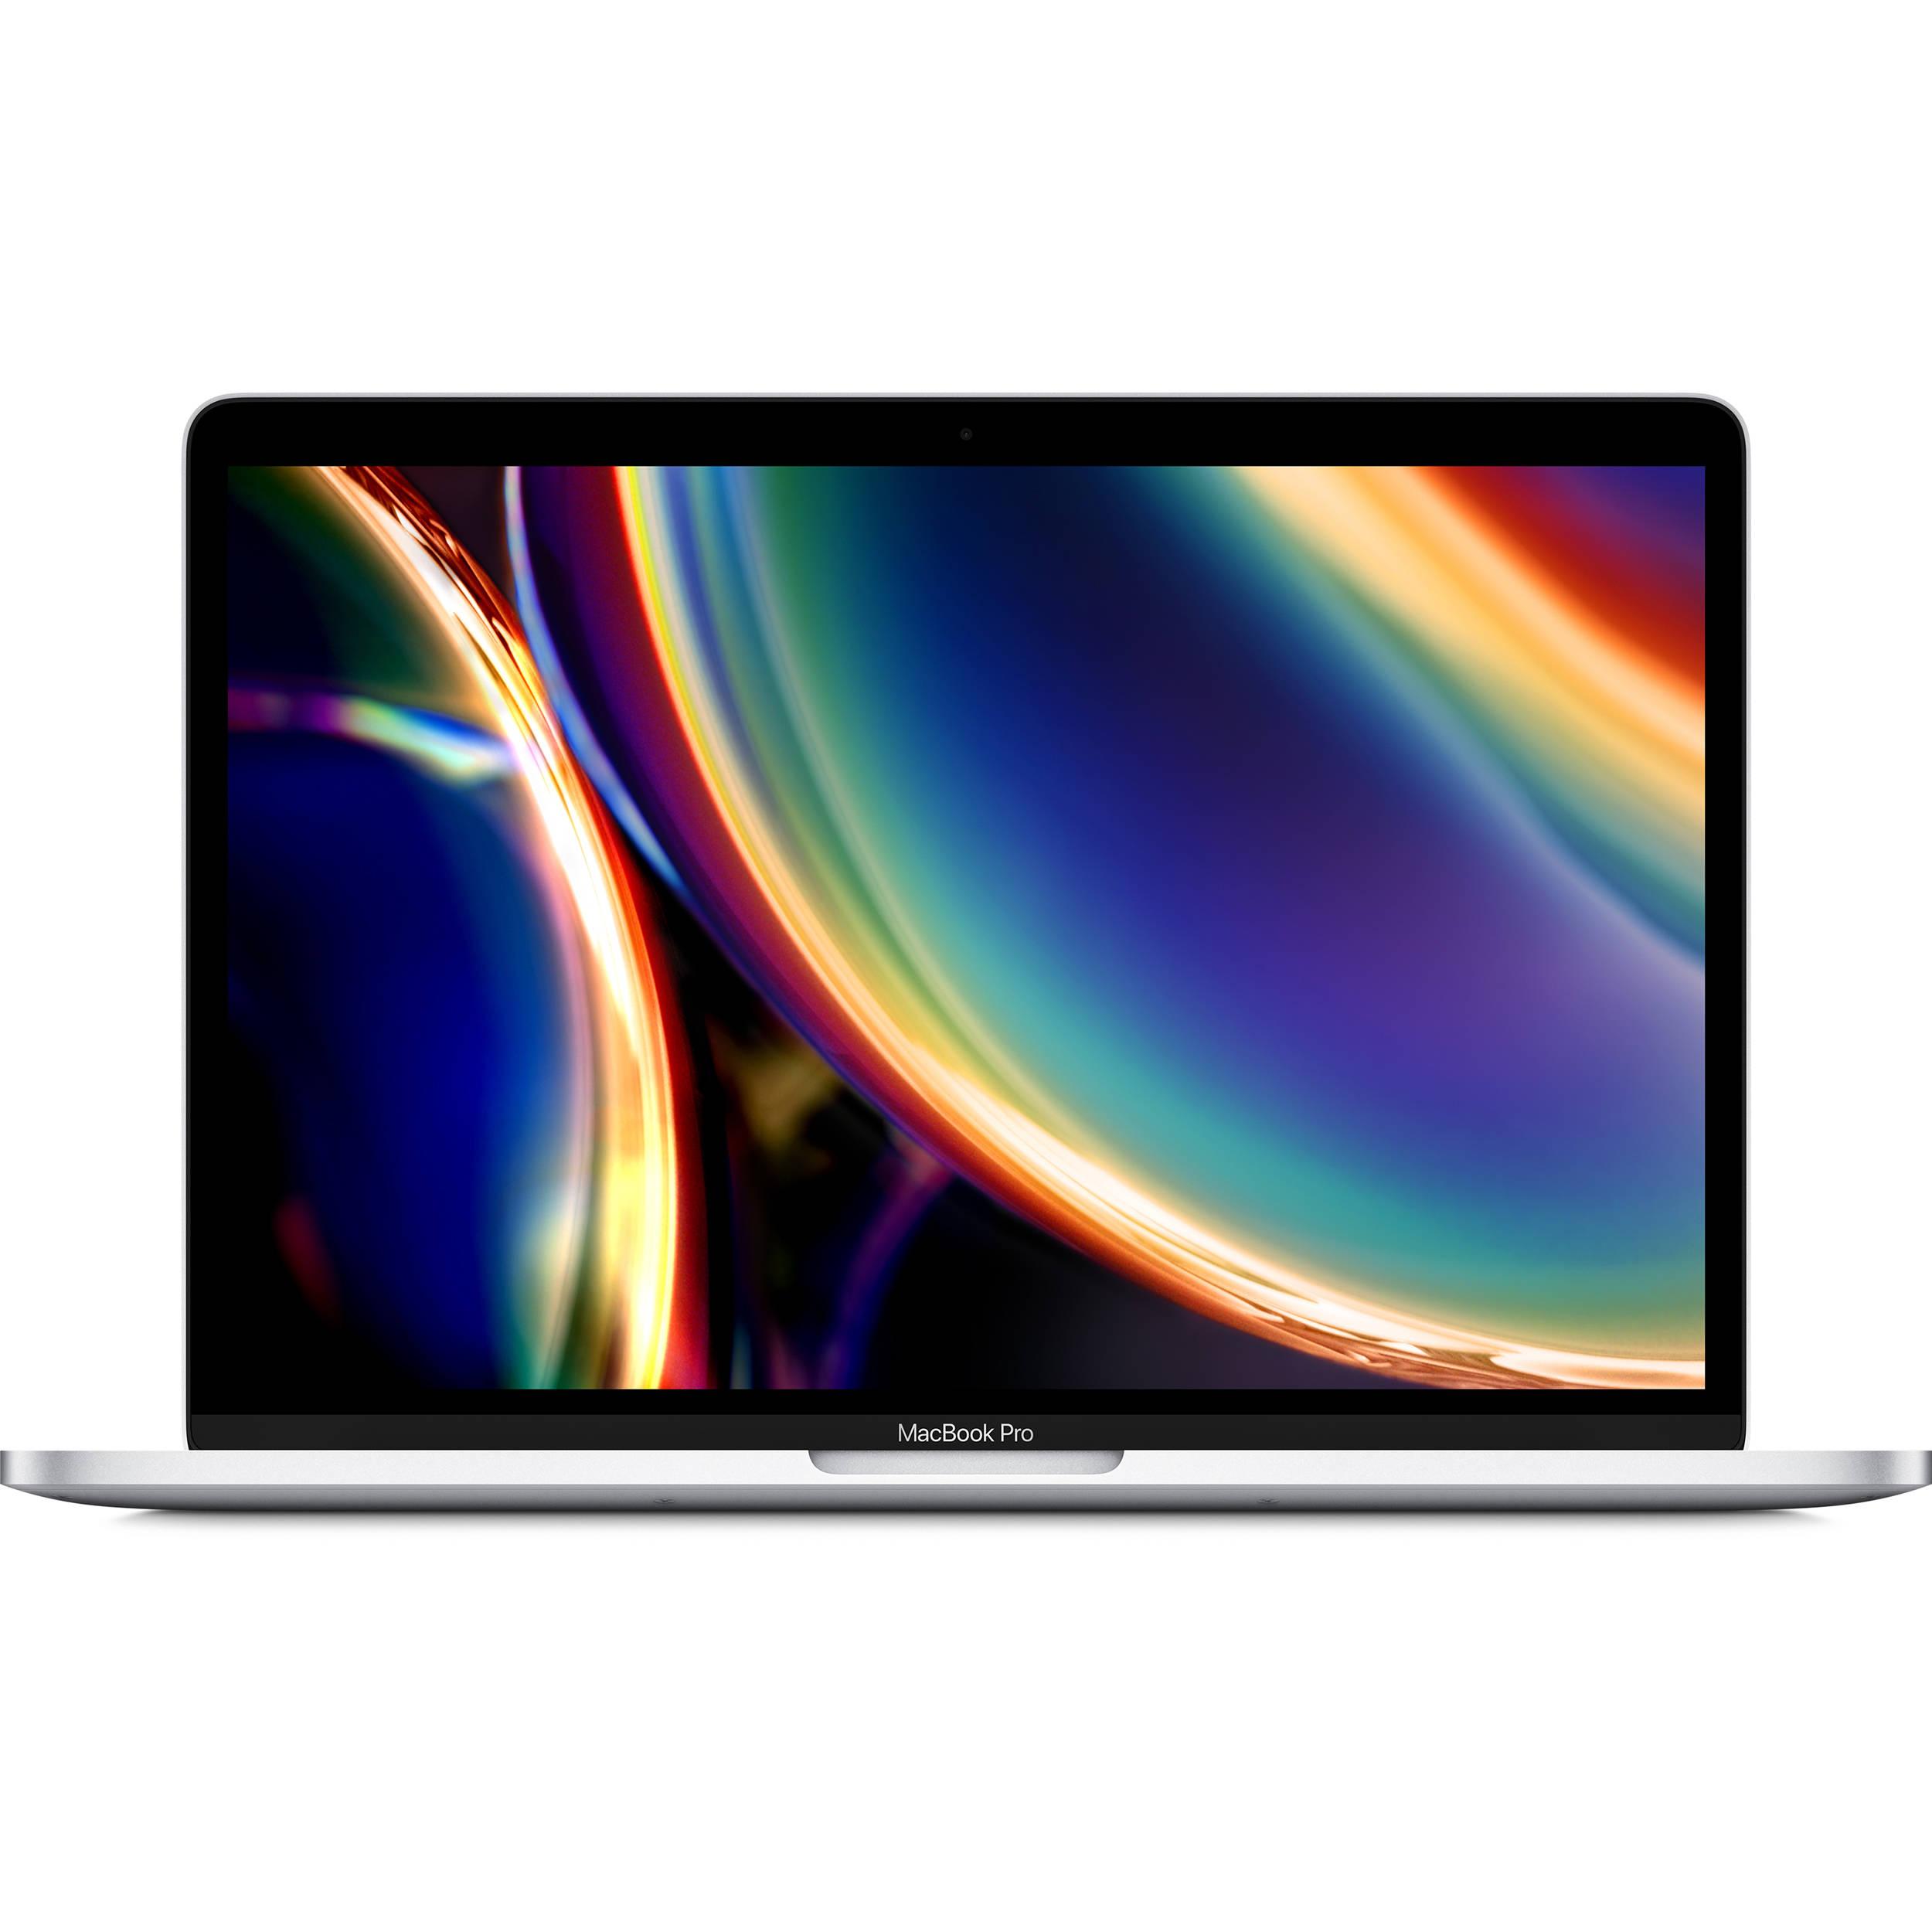 Spase Art Macbook case Macbook Pro 13 2020 Macbook Air 13 Macbook Pro 16 Macbook Retina 15 Mac Air 11 Mac 12 Mac Retina 13 TV series Gift